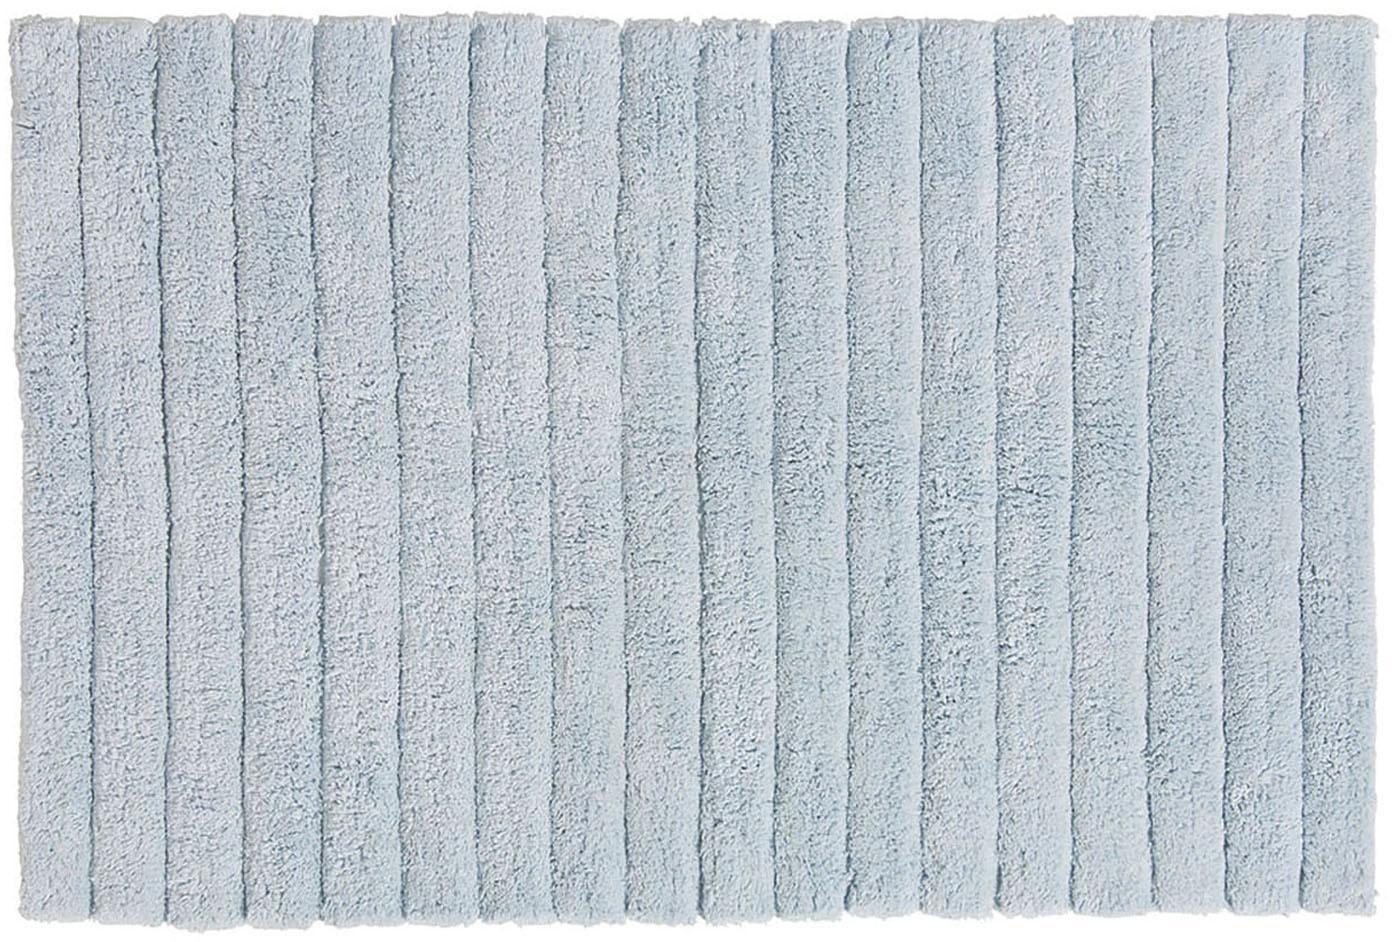 Dywanik łazienkowy Board, Bawełna, wysokagramatura, 1900g/m², Jasny niebieski, S 60 x D 90 cm